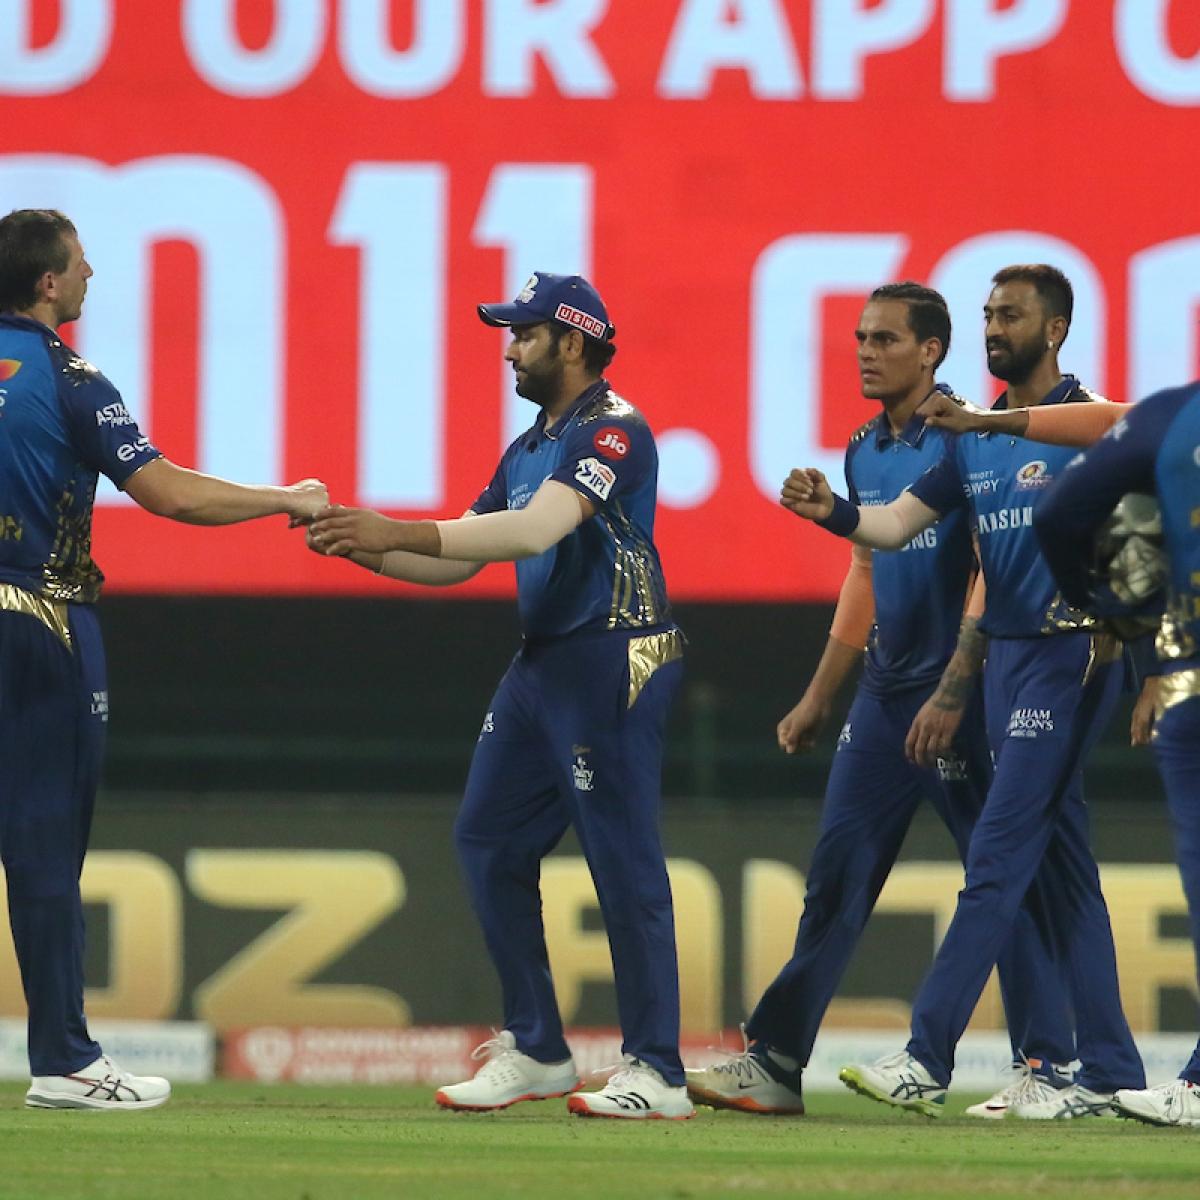 IPL 2020: Suryakumar Yadav, Jasprit Bumrah lead Mumbai Indians to 57-run win over Rajasthan Royals